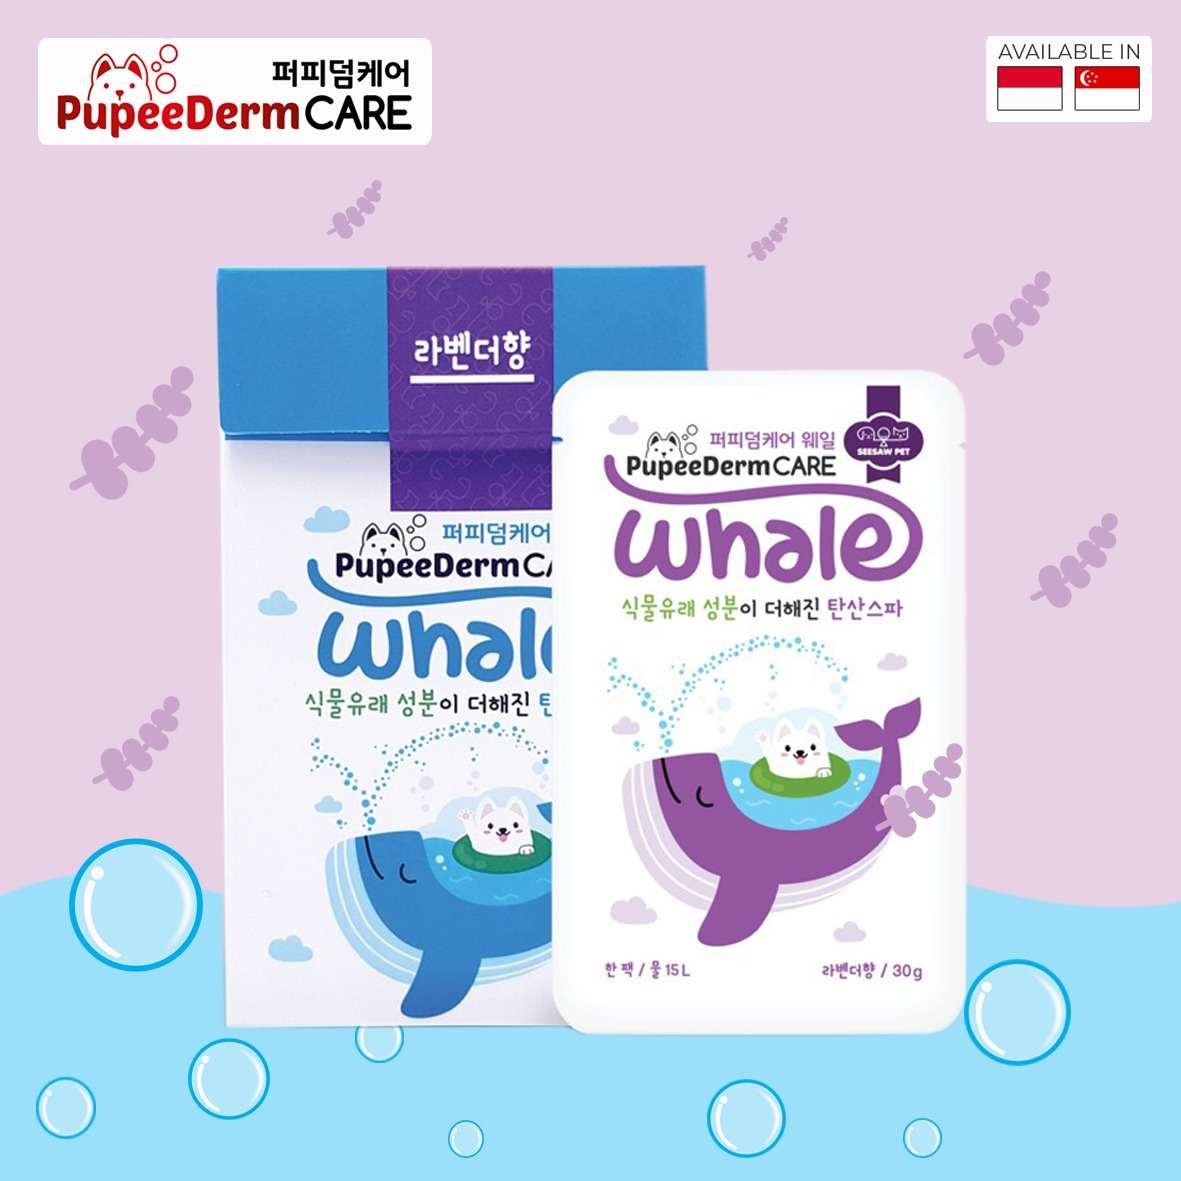 Pupeederm Whale - Lavender Trouble Care Photo